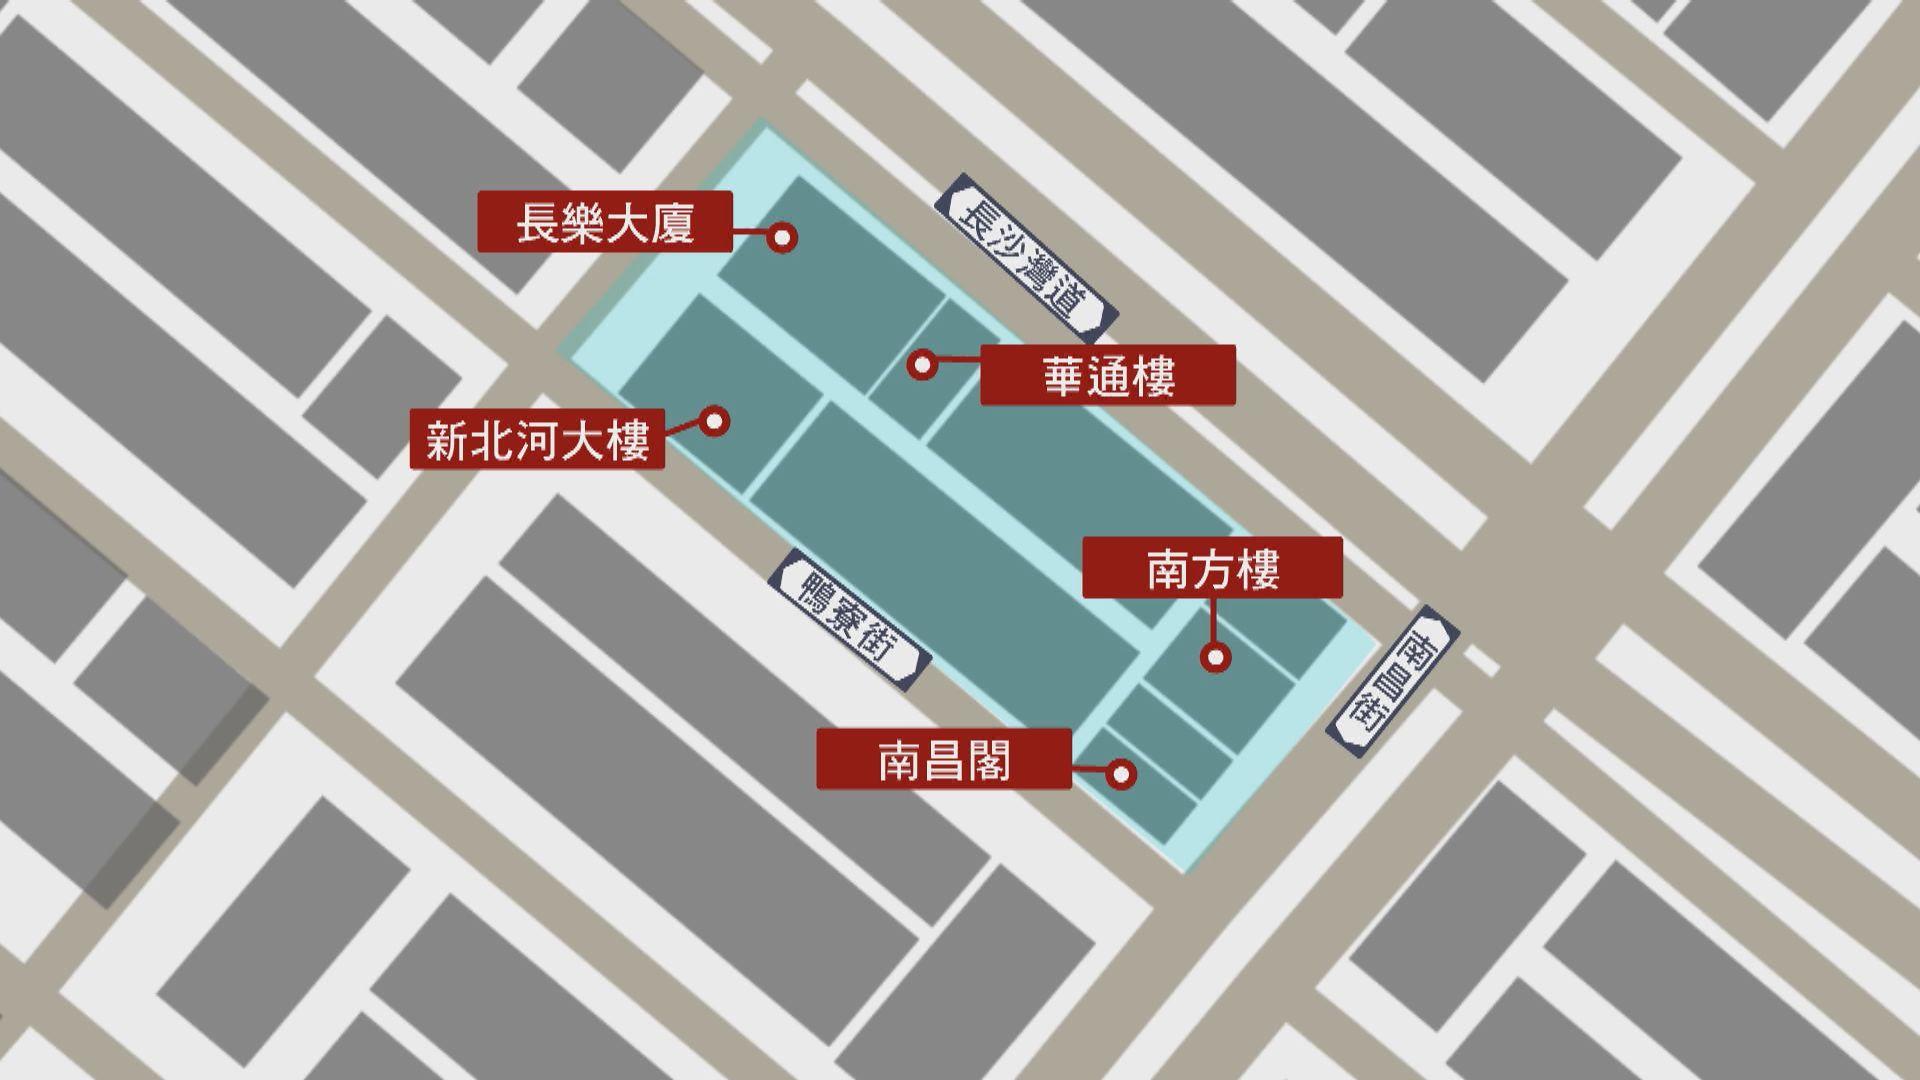 深水埗16幢大廈污水樣本陽性 有居民擔心政府封區